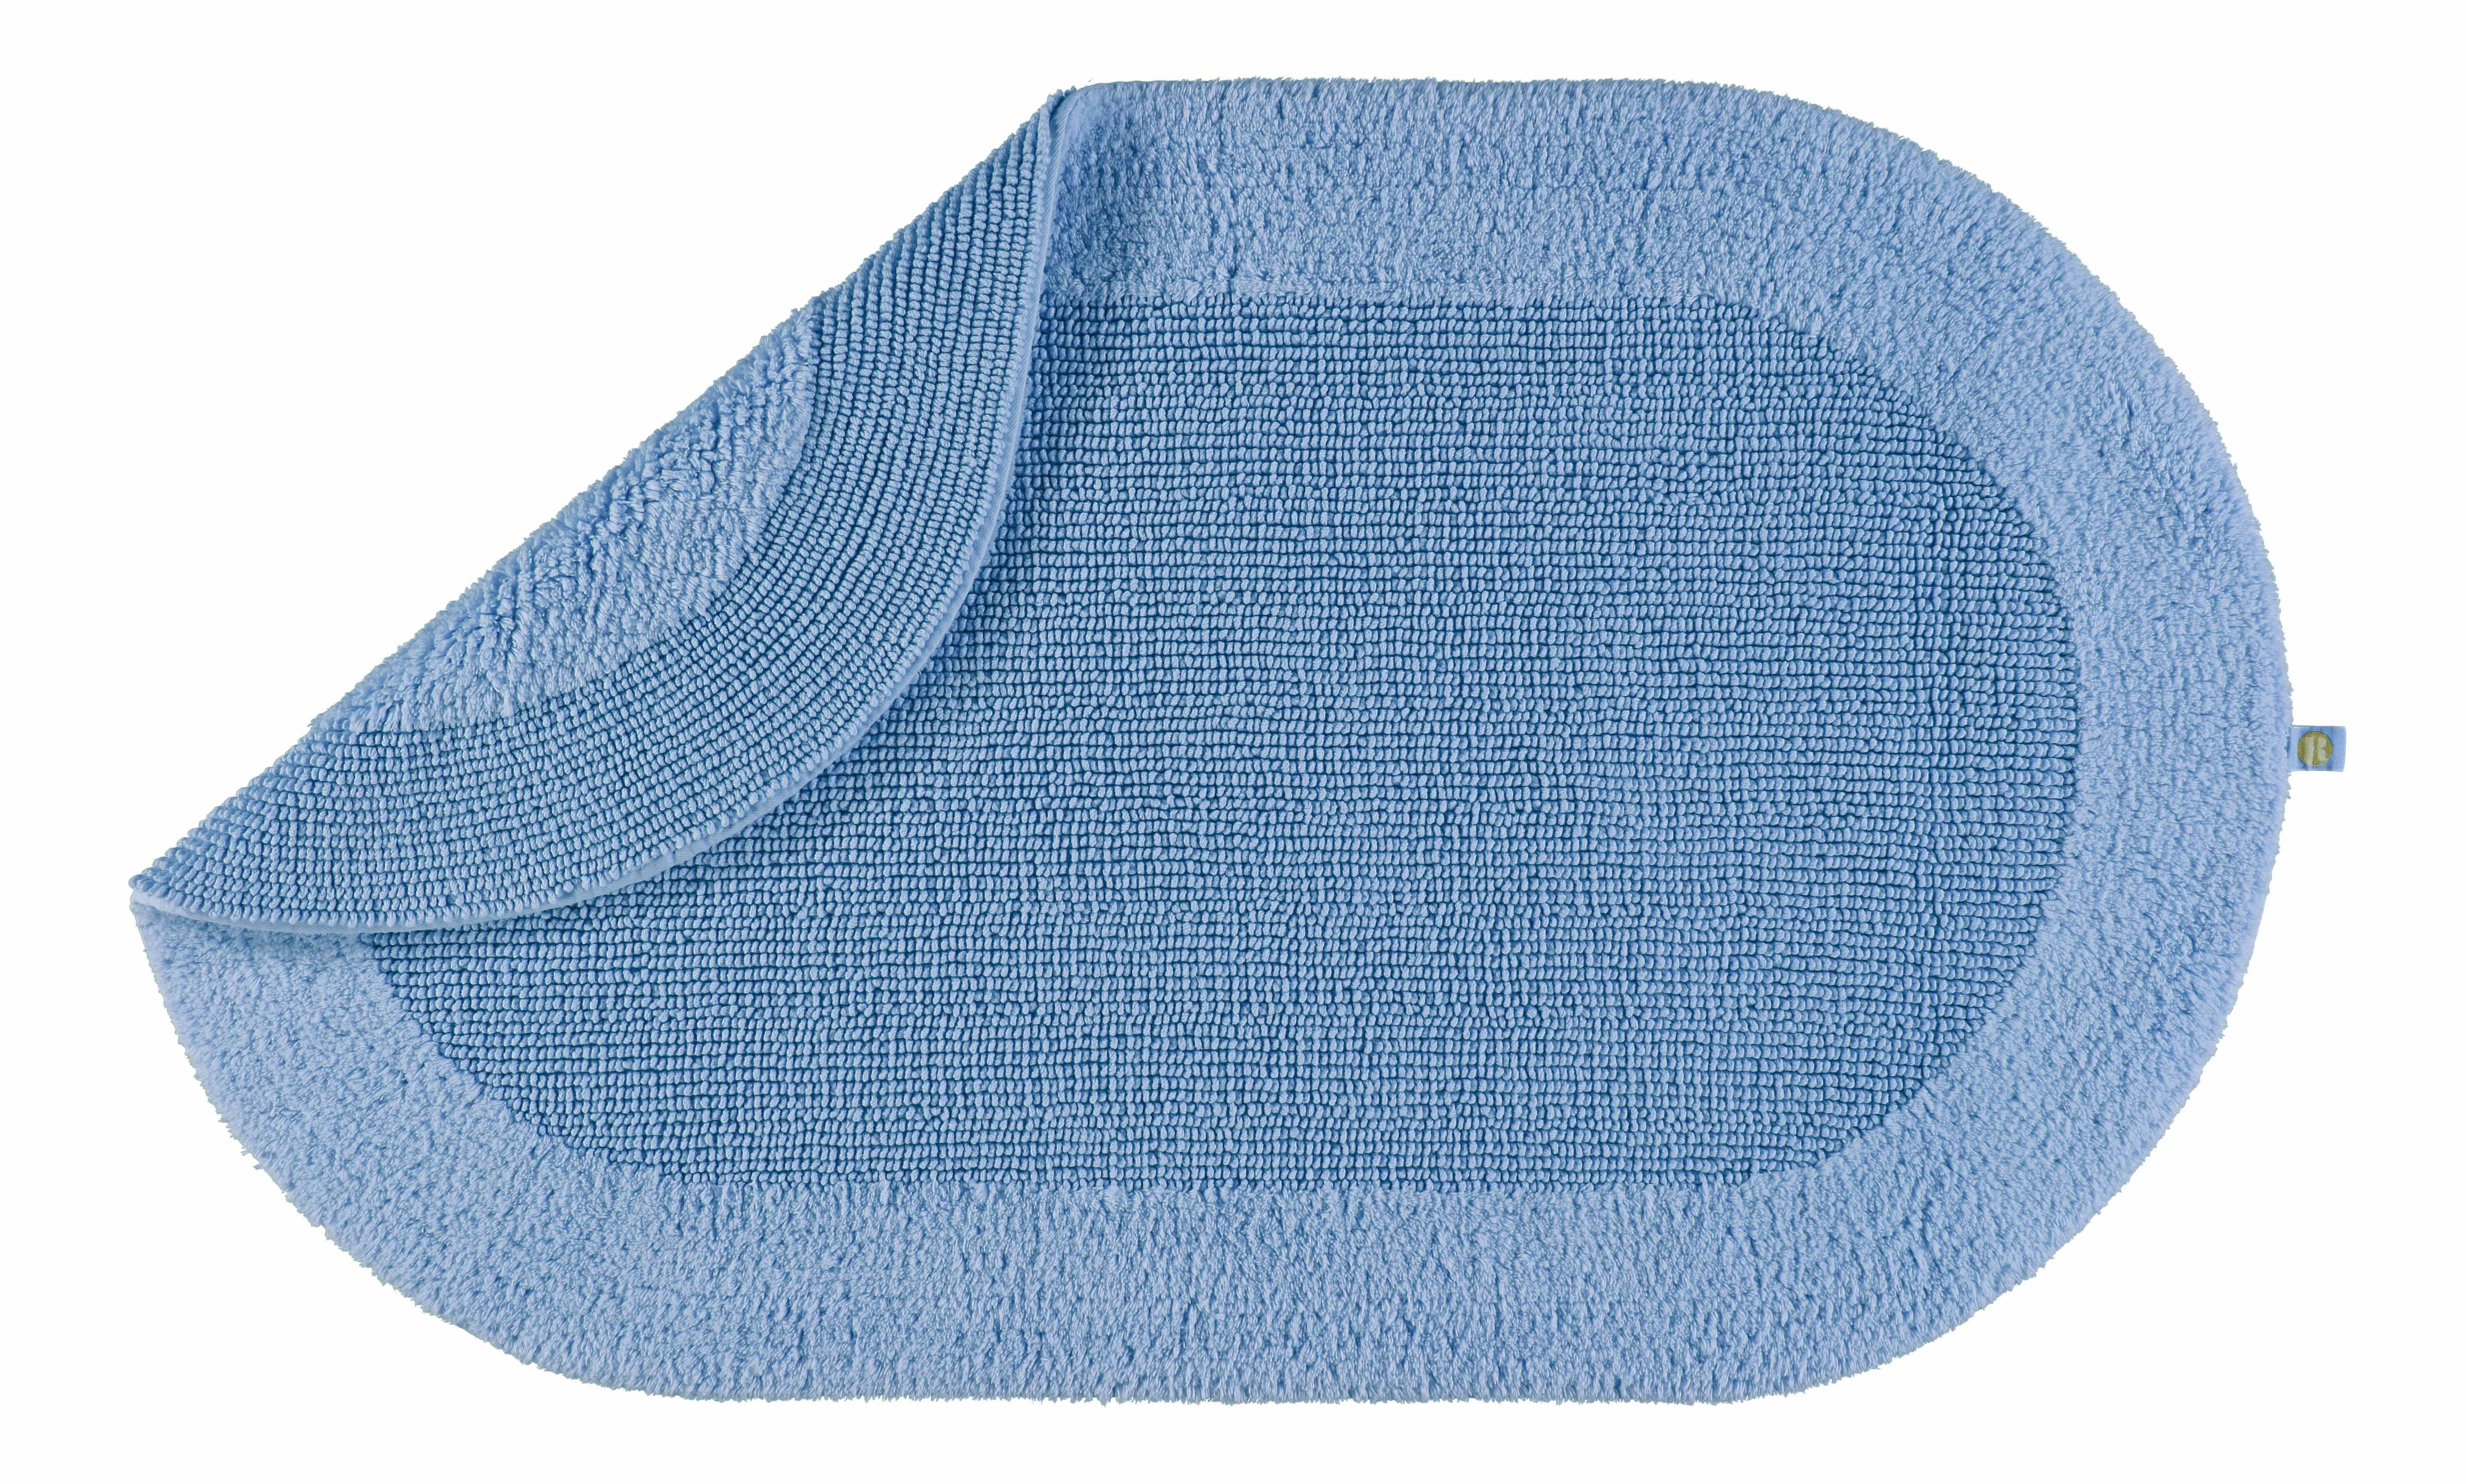 rhomtuft badteppich exquisit, 100% baumwolle - teppich hemsing, Hause ideen